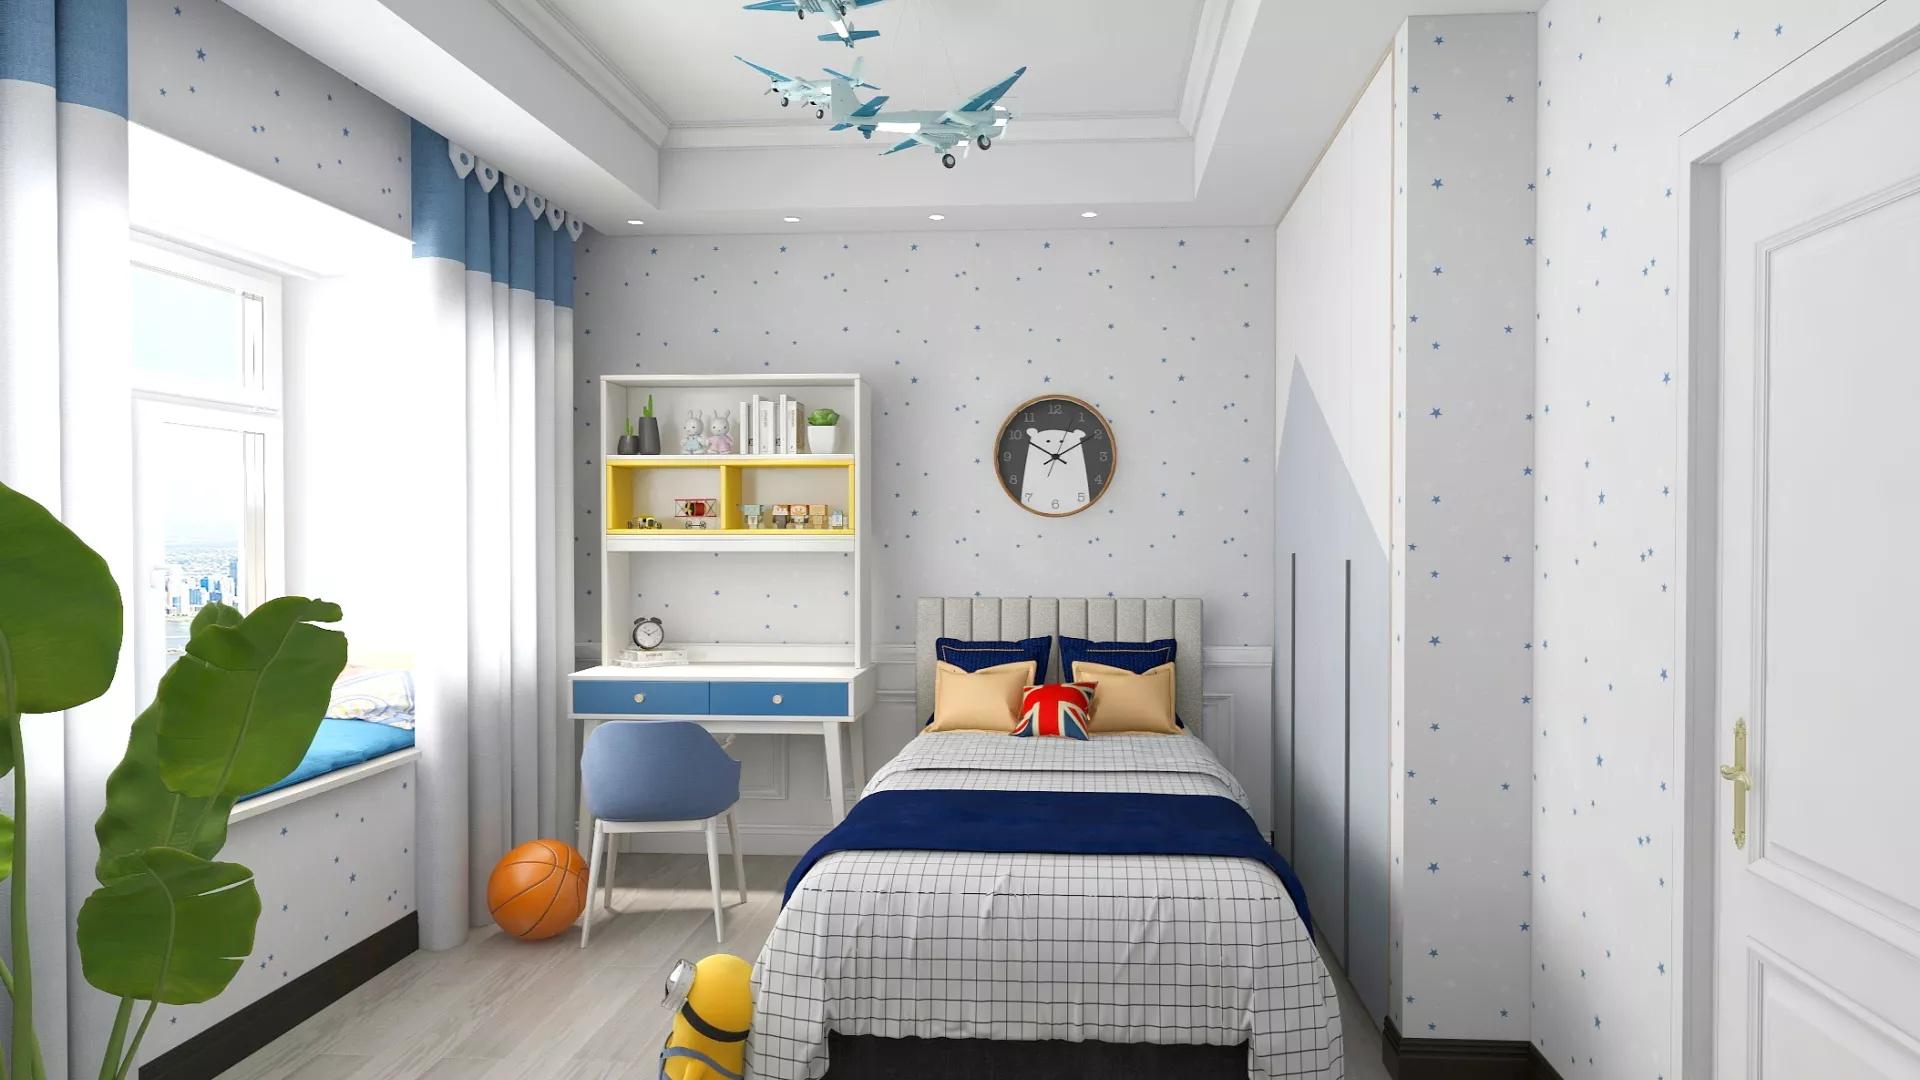 简洁温馨风格儿童房装修效果图